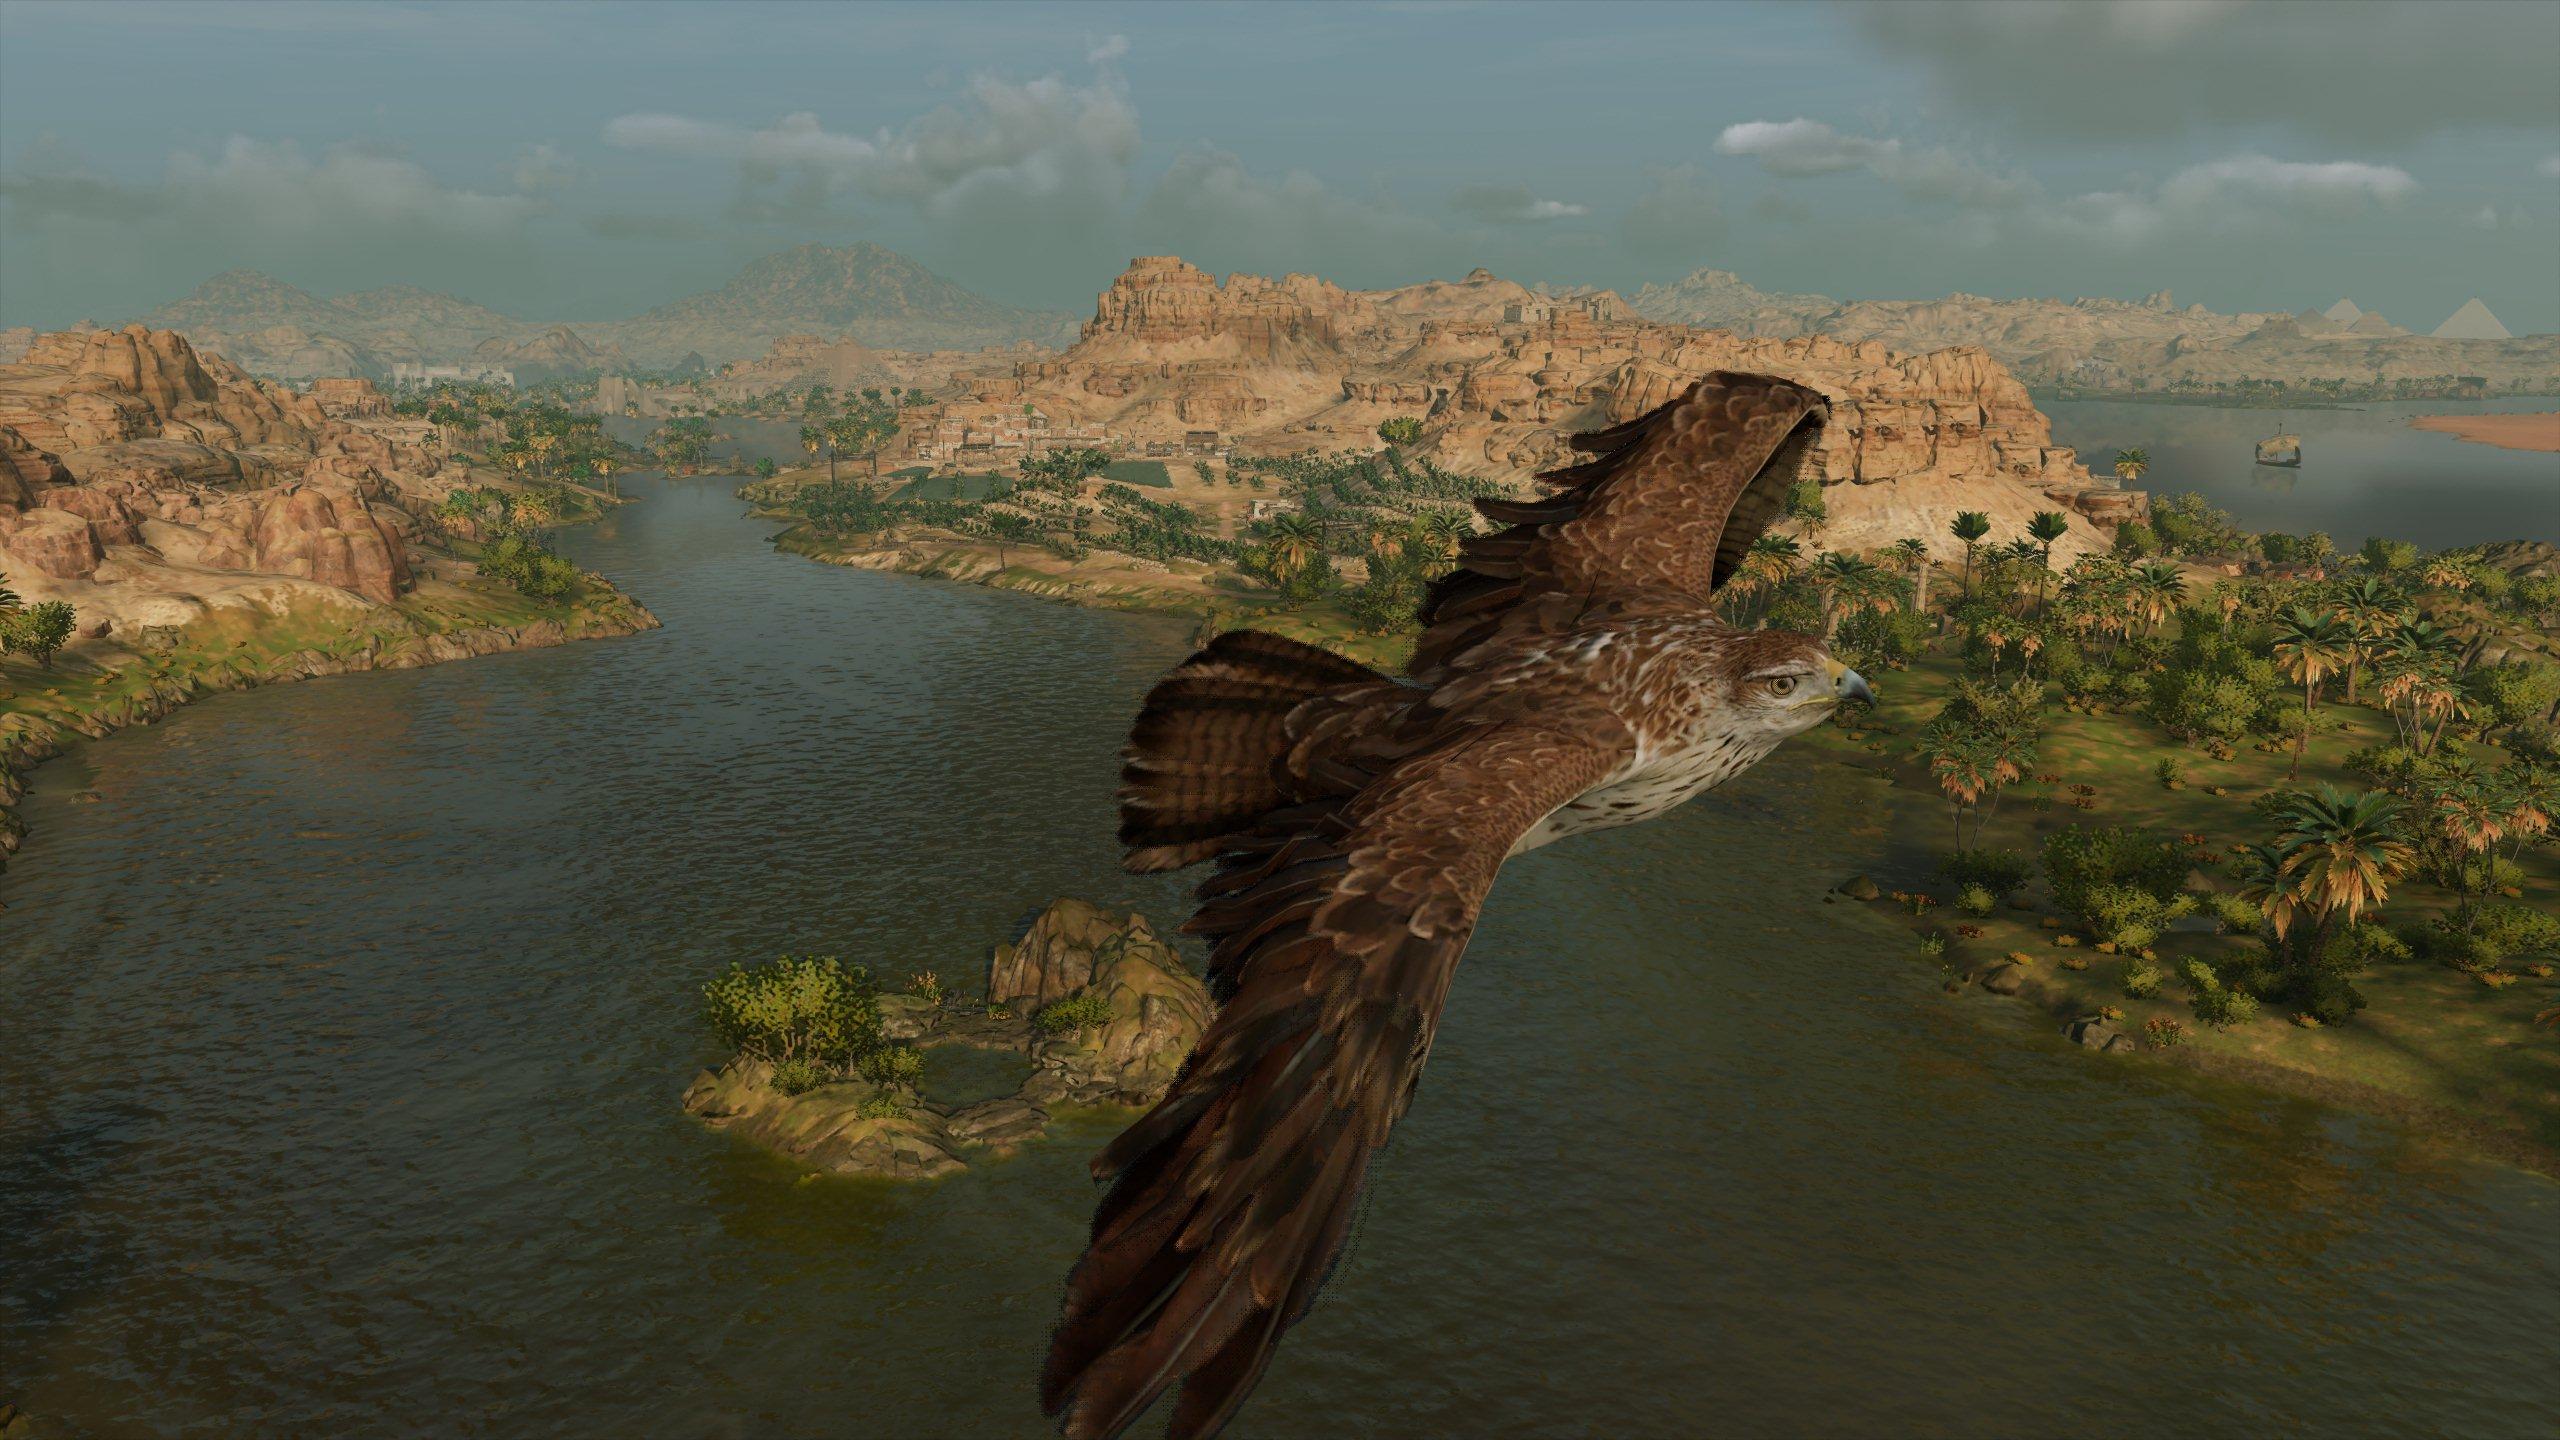 20171211181024.jpg - Assassin's Creed: Origins